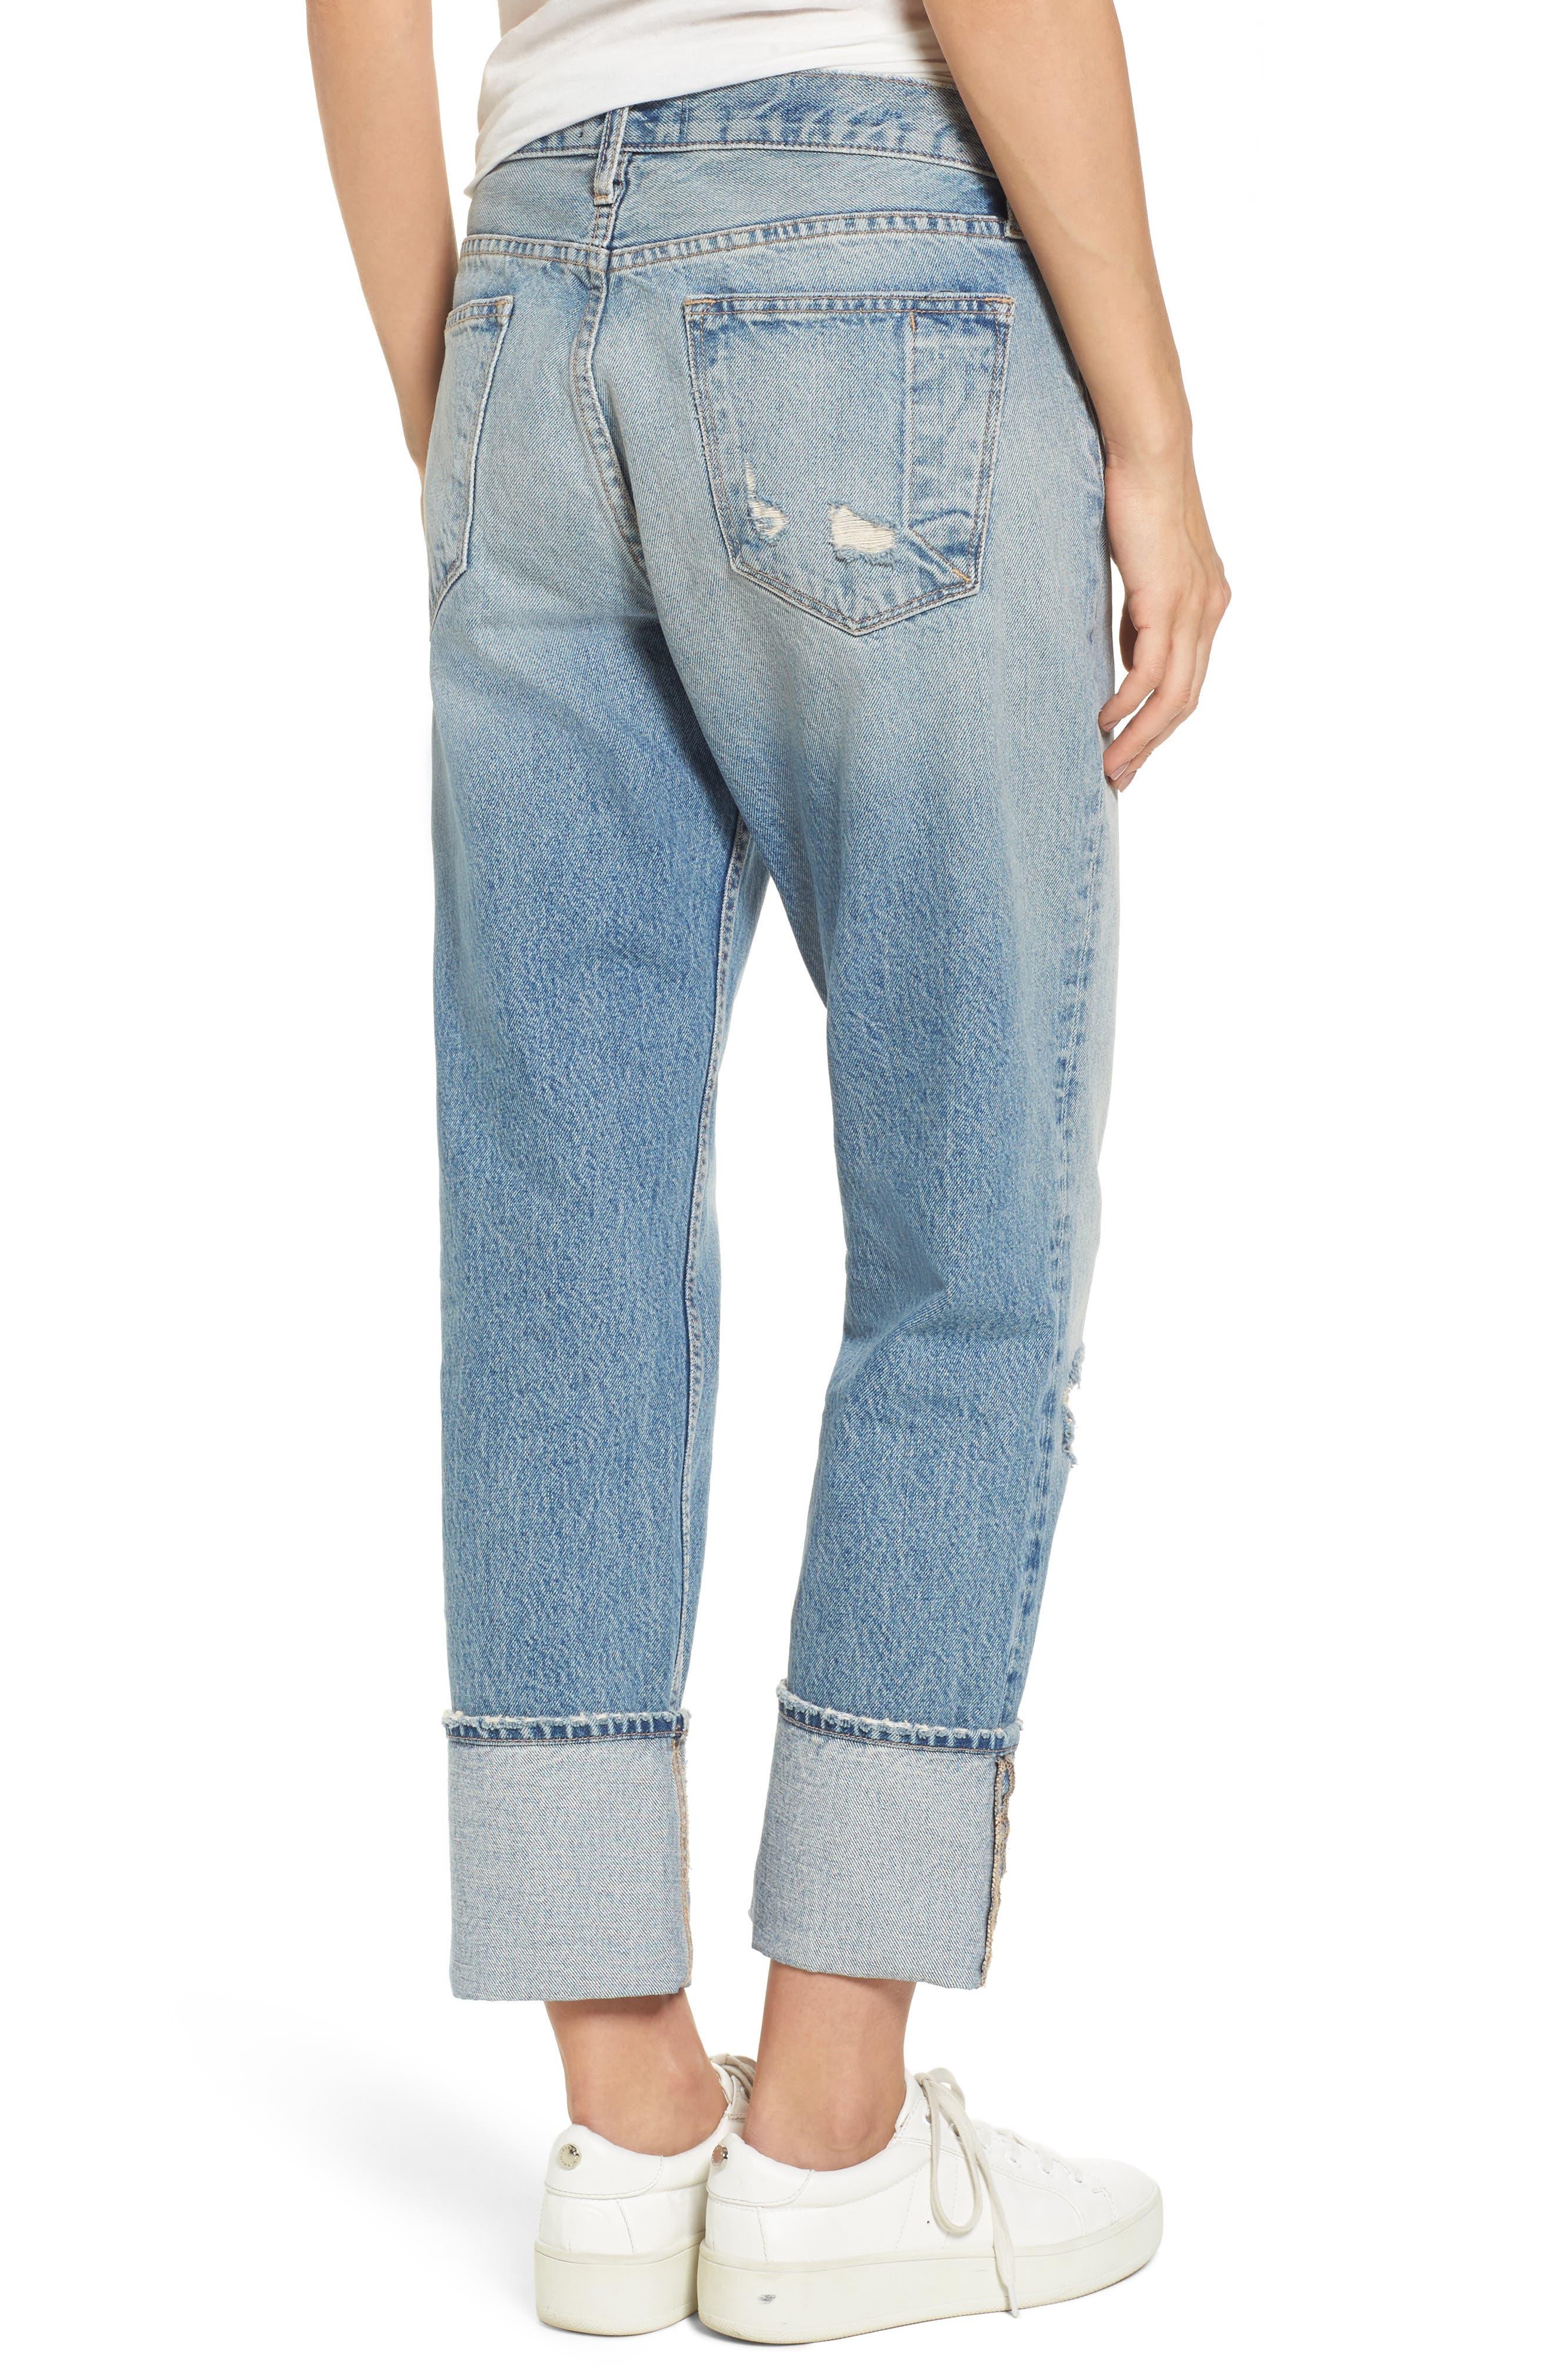 Alternate Image 2  - Current/Elliott The His Boyfriend Jeans (Pinyon Destroy Wash)